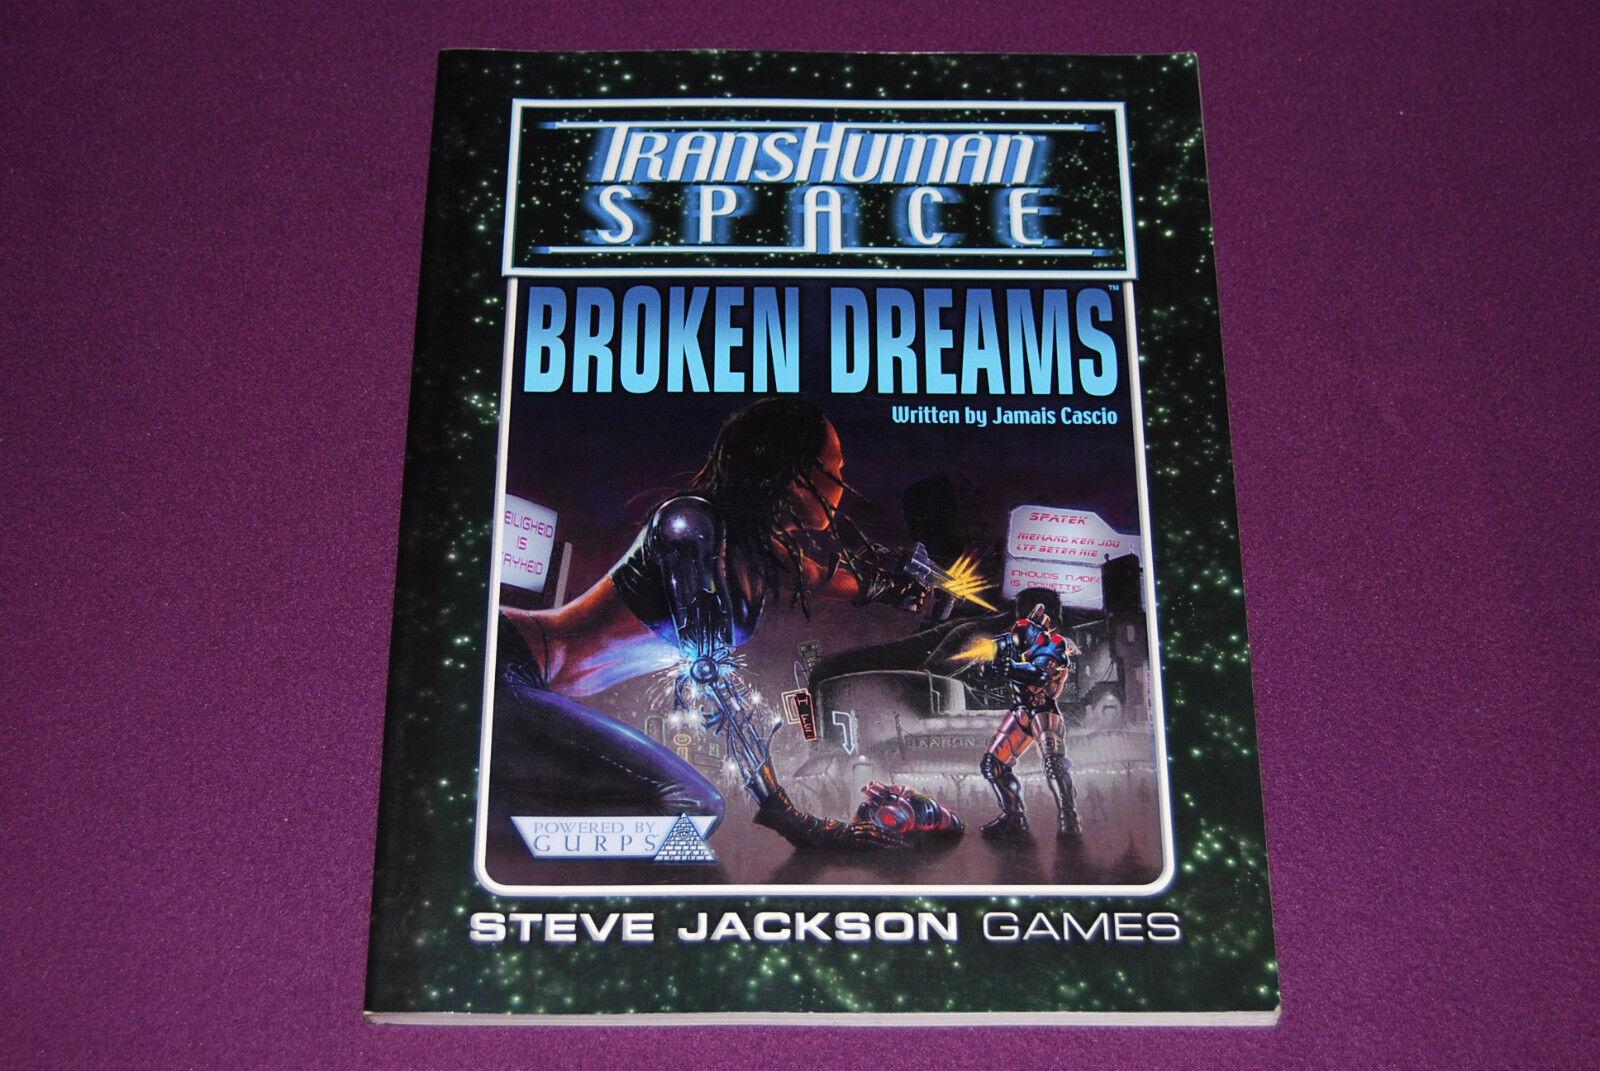 GURPS Transhuman Space RPG JDR Jeu de Role Générique - Broken Dreams